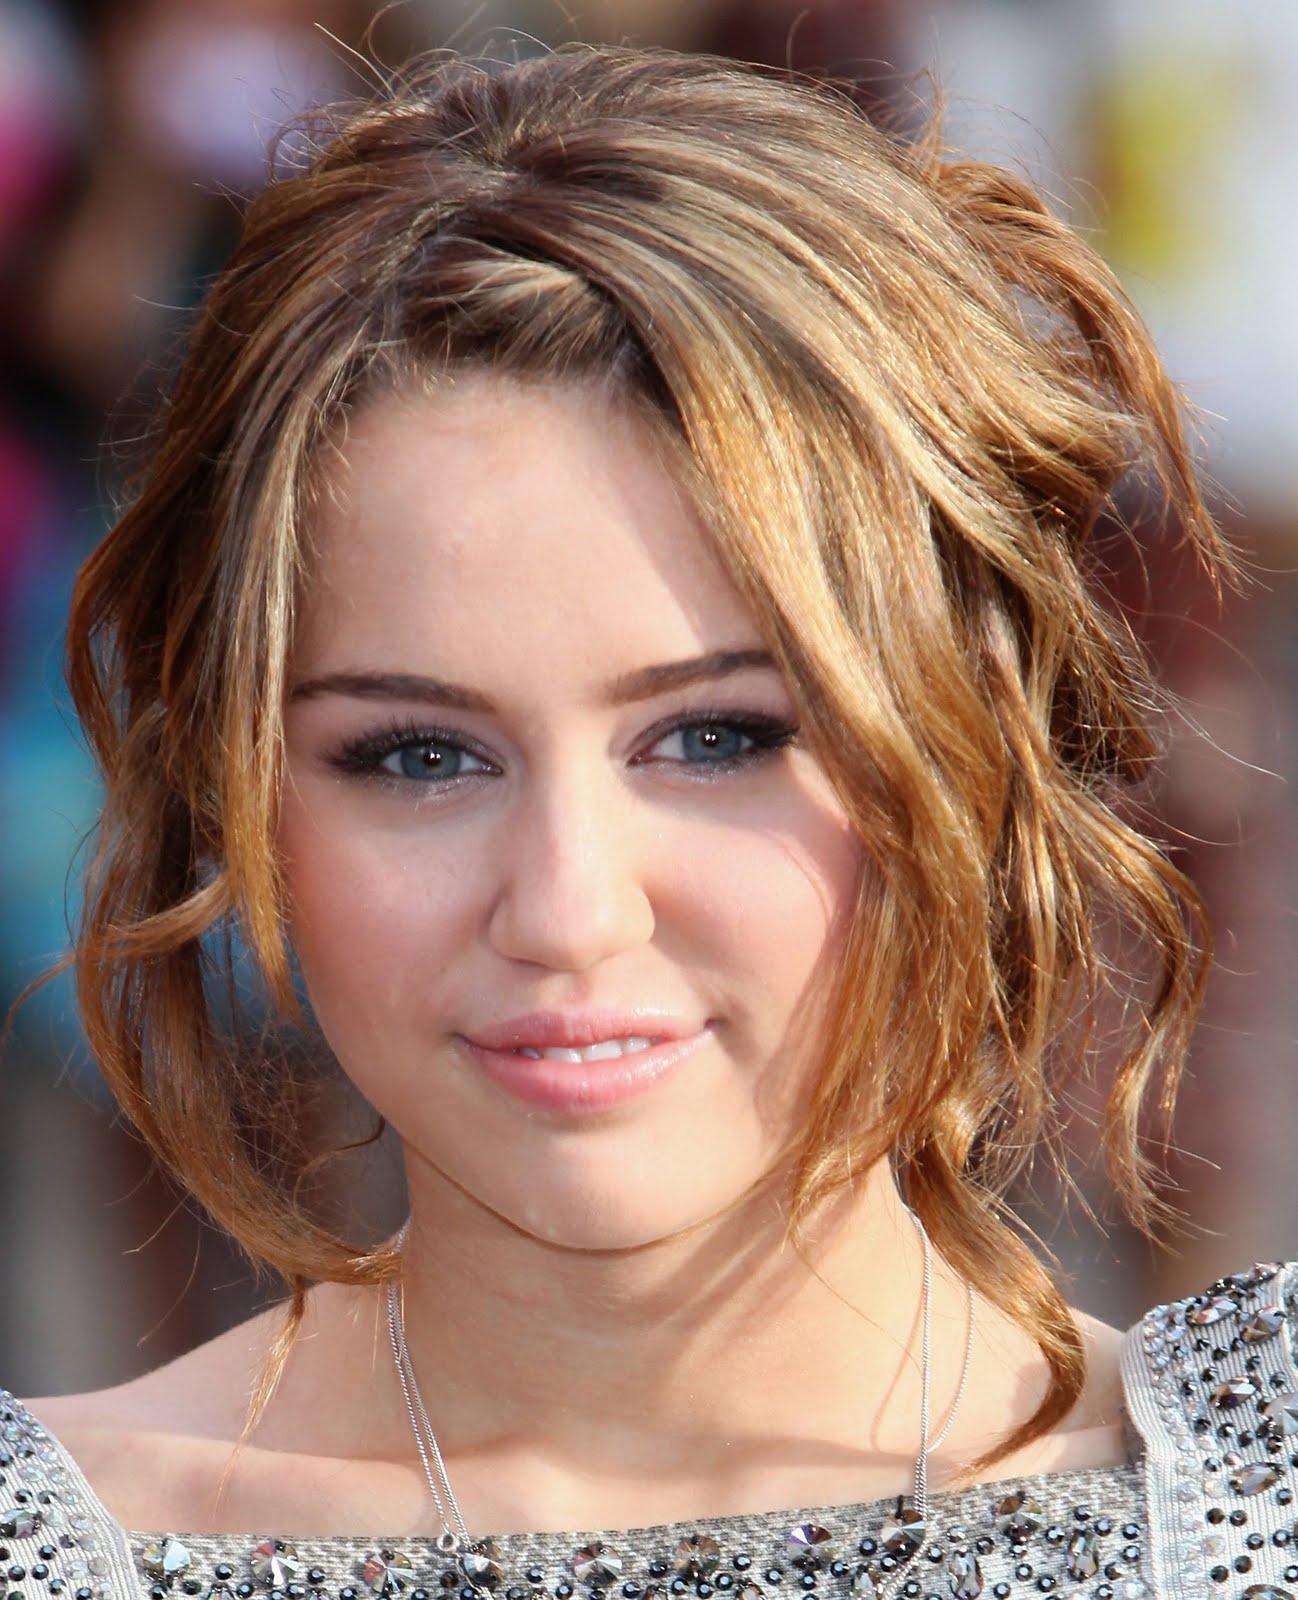 http://4.bp.blogspot.com/-pDJzEKtSkrA/T9VVshG2lGI/AAAAAAAADnk/wbDC-pXARq0/s1600/Miley+Cyrus-piccol.jpg